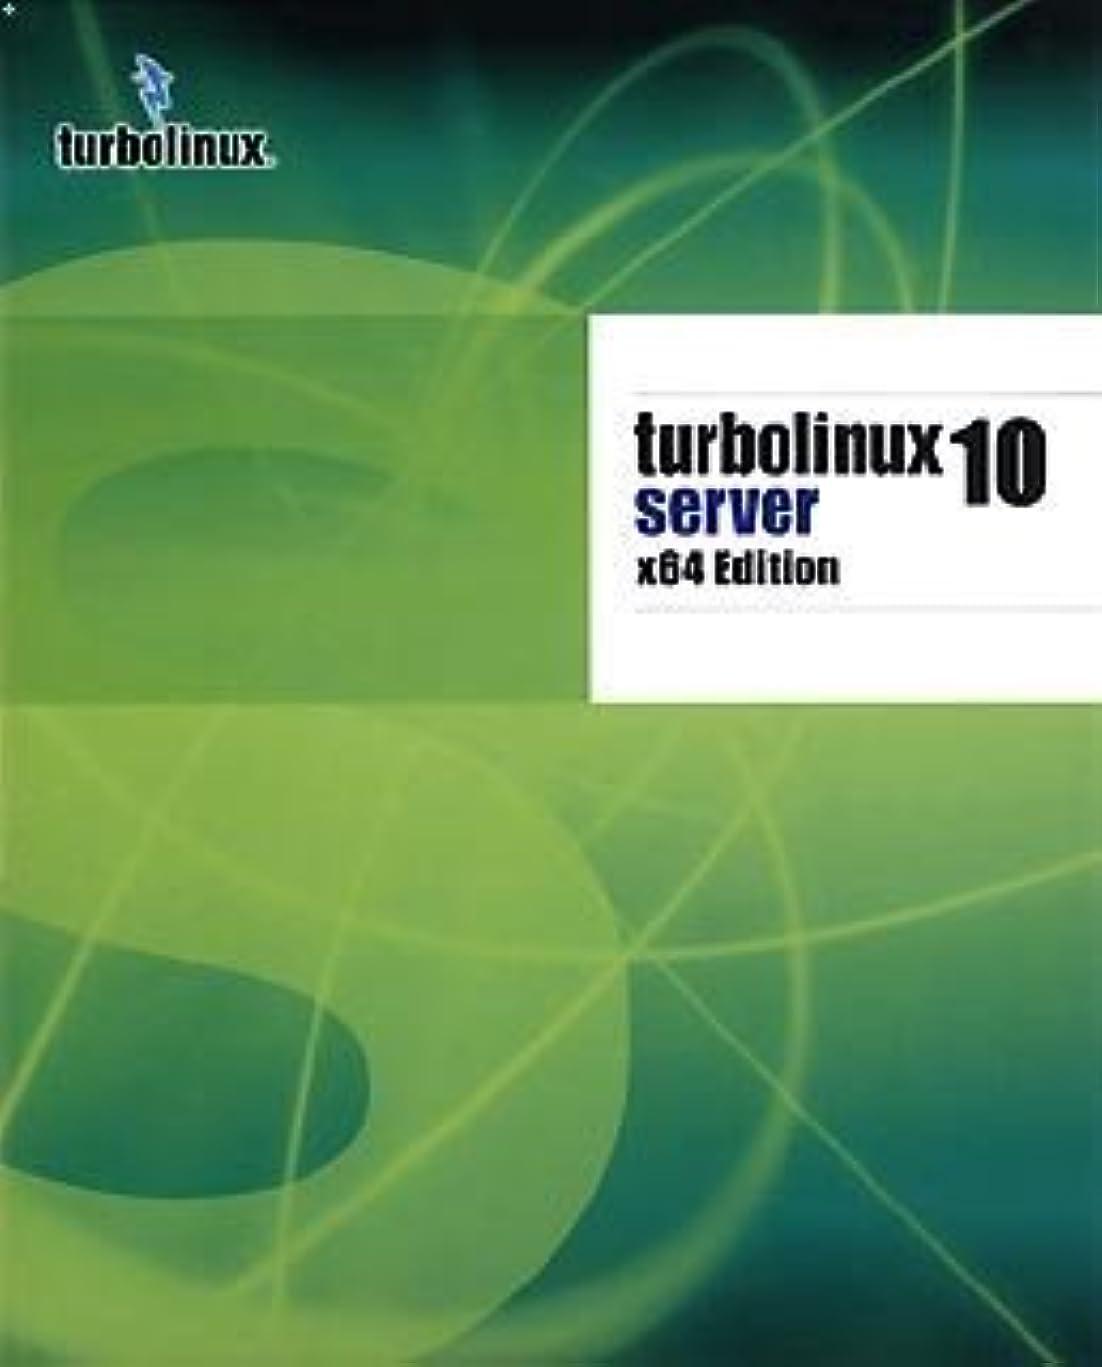 インタフェース白雪姫おなかがすいたTurbolinux 10 Server x64 Edition